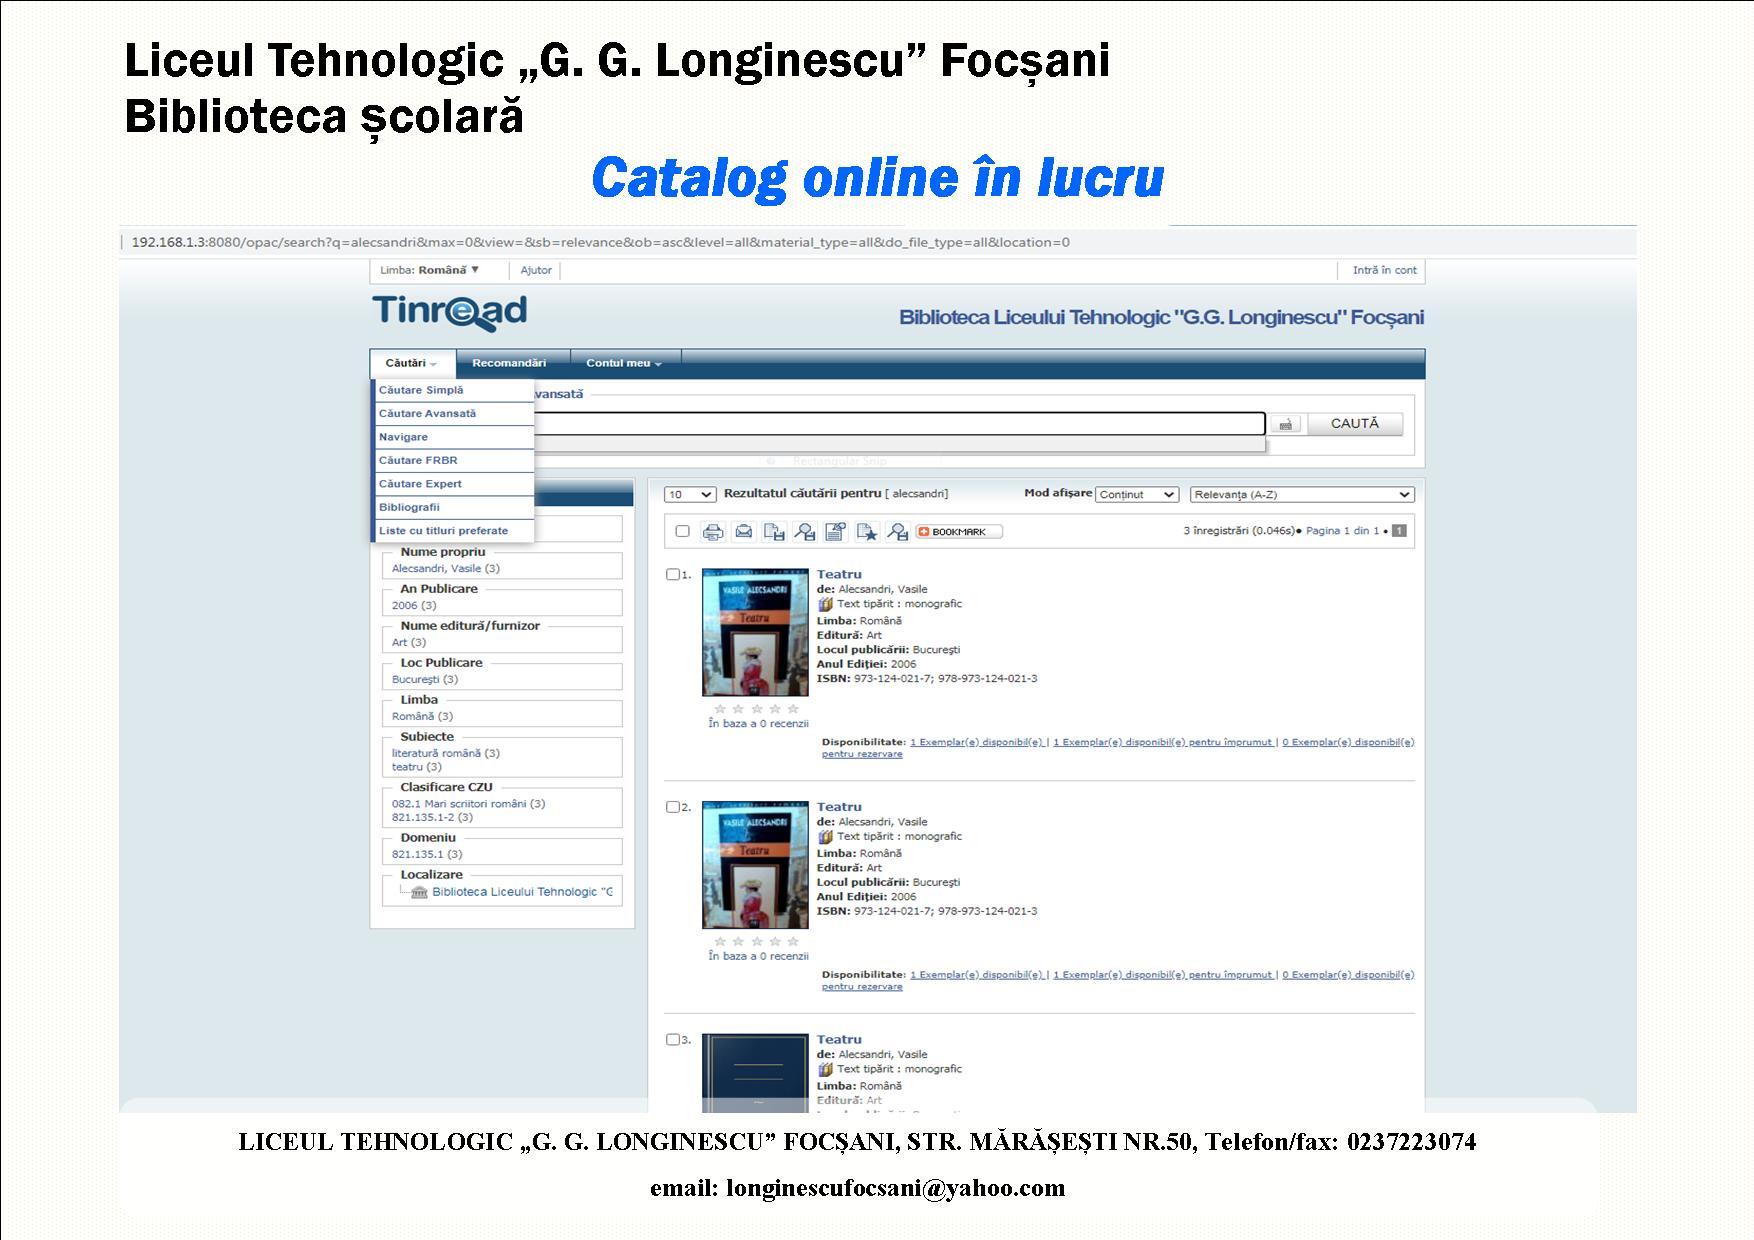 bibliotaeca liceul tehnologic gg longinescu